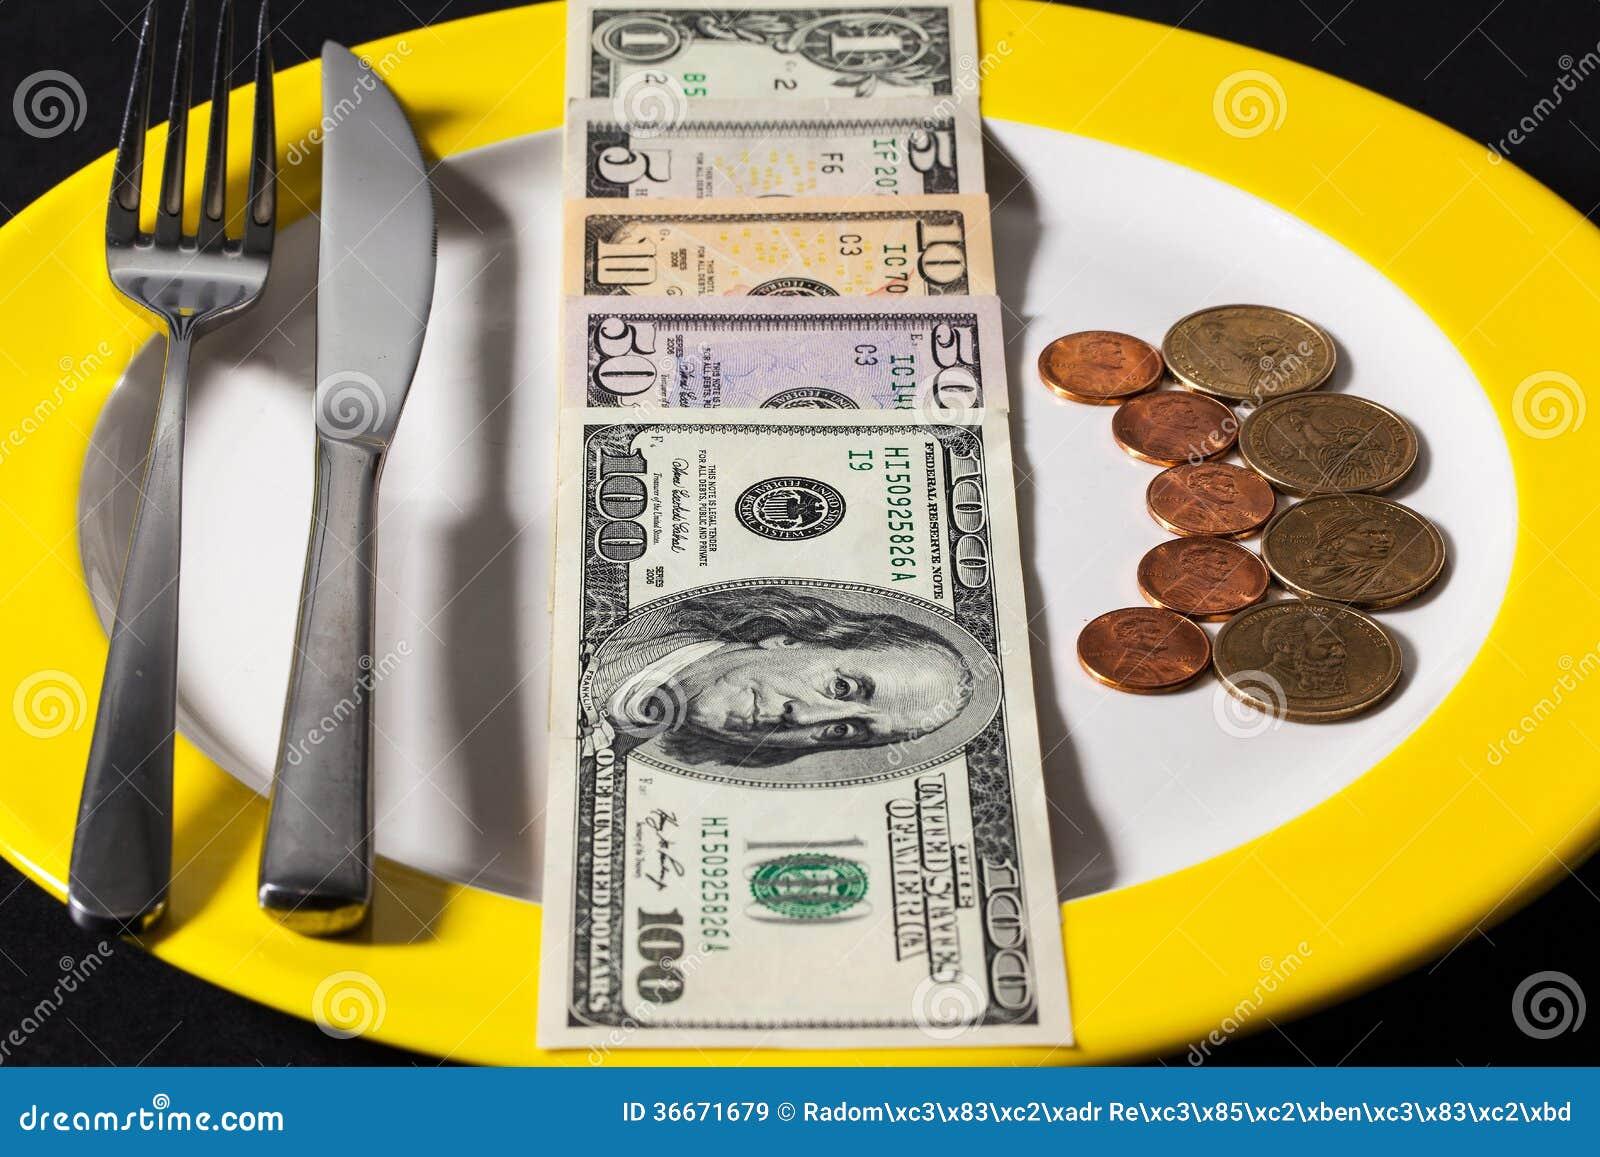 Die Platte mit Geld